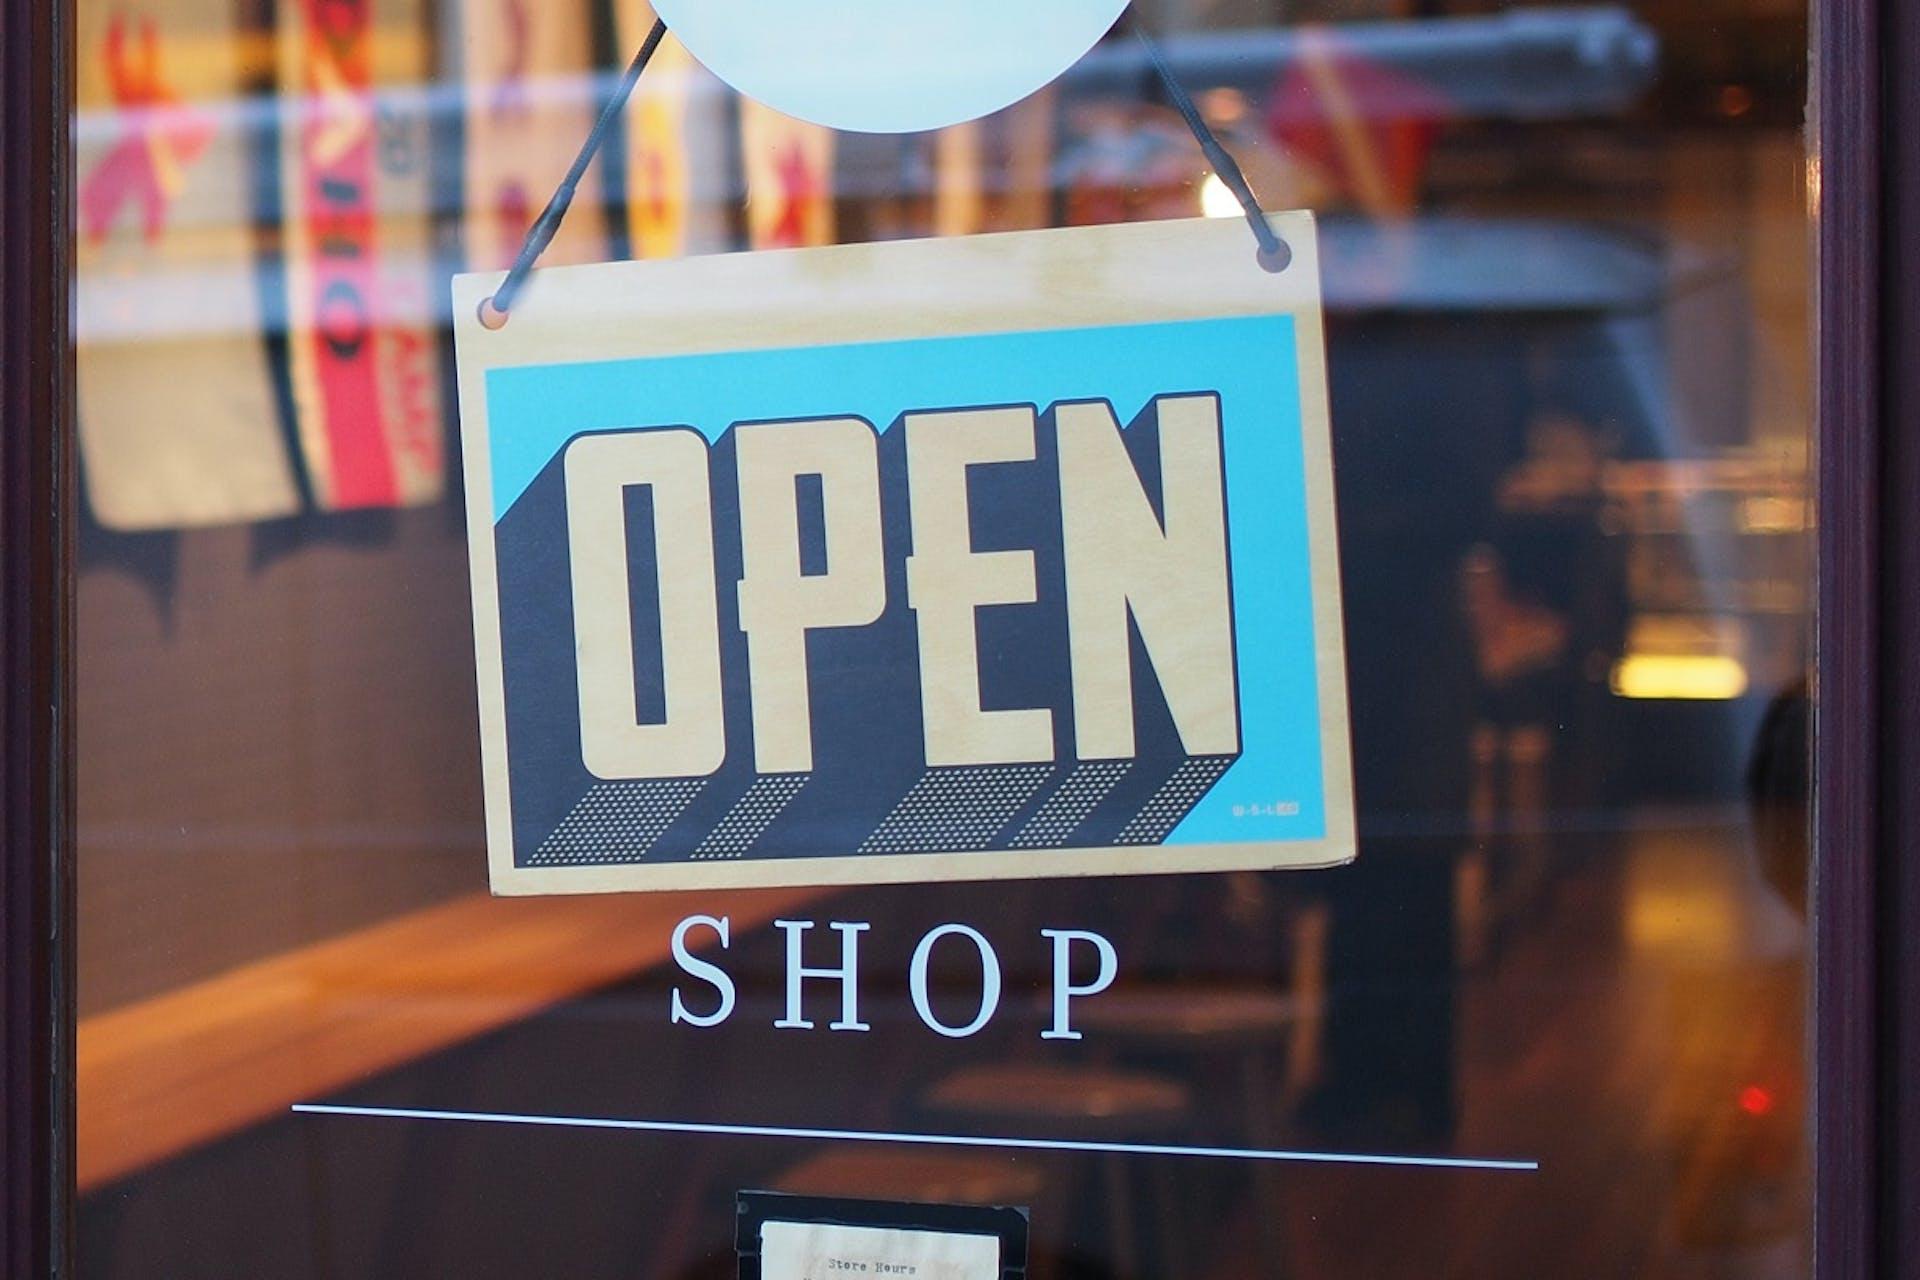 Las claves para saber cómo iniciar un negocio de papelería en casa rápidamente